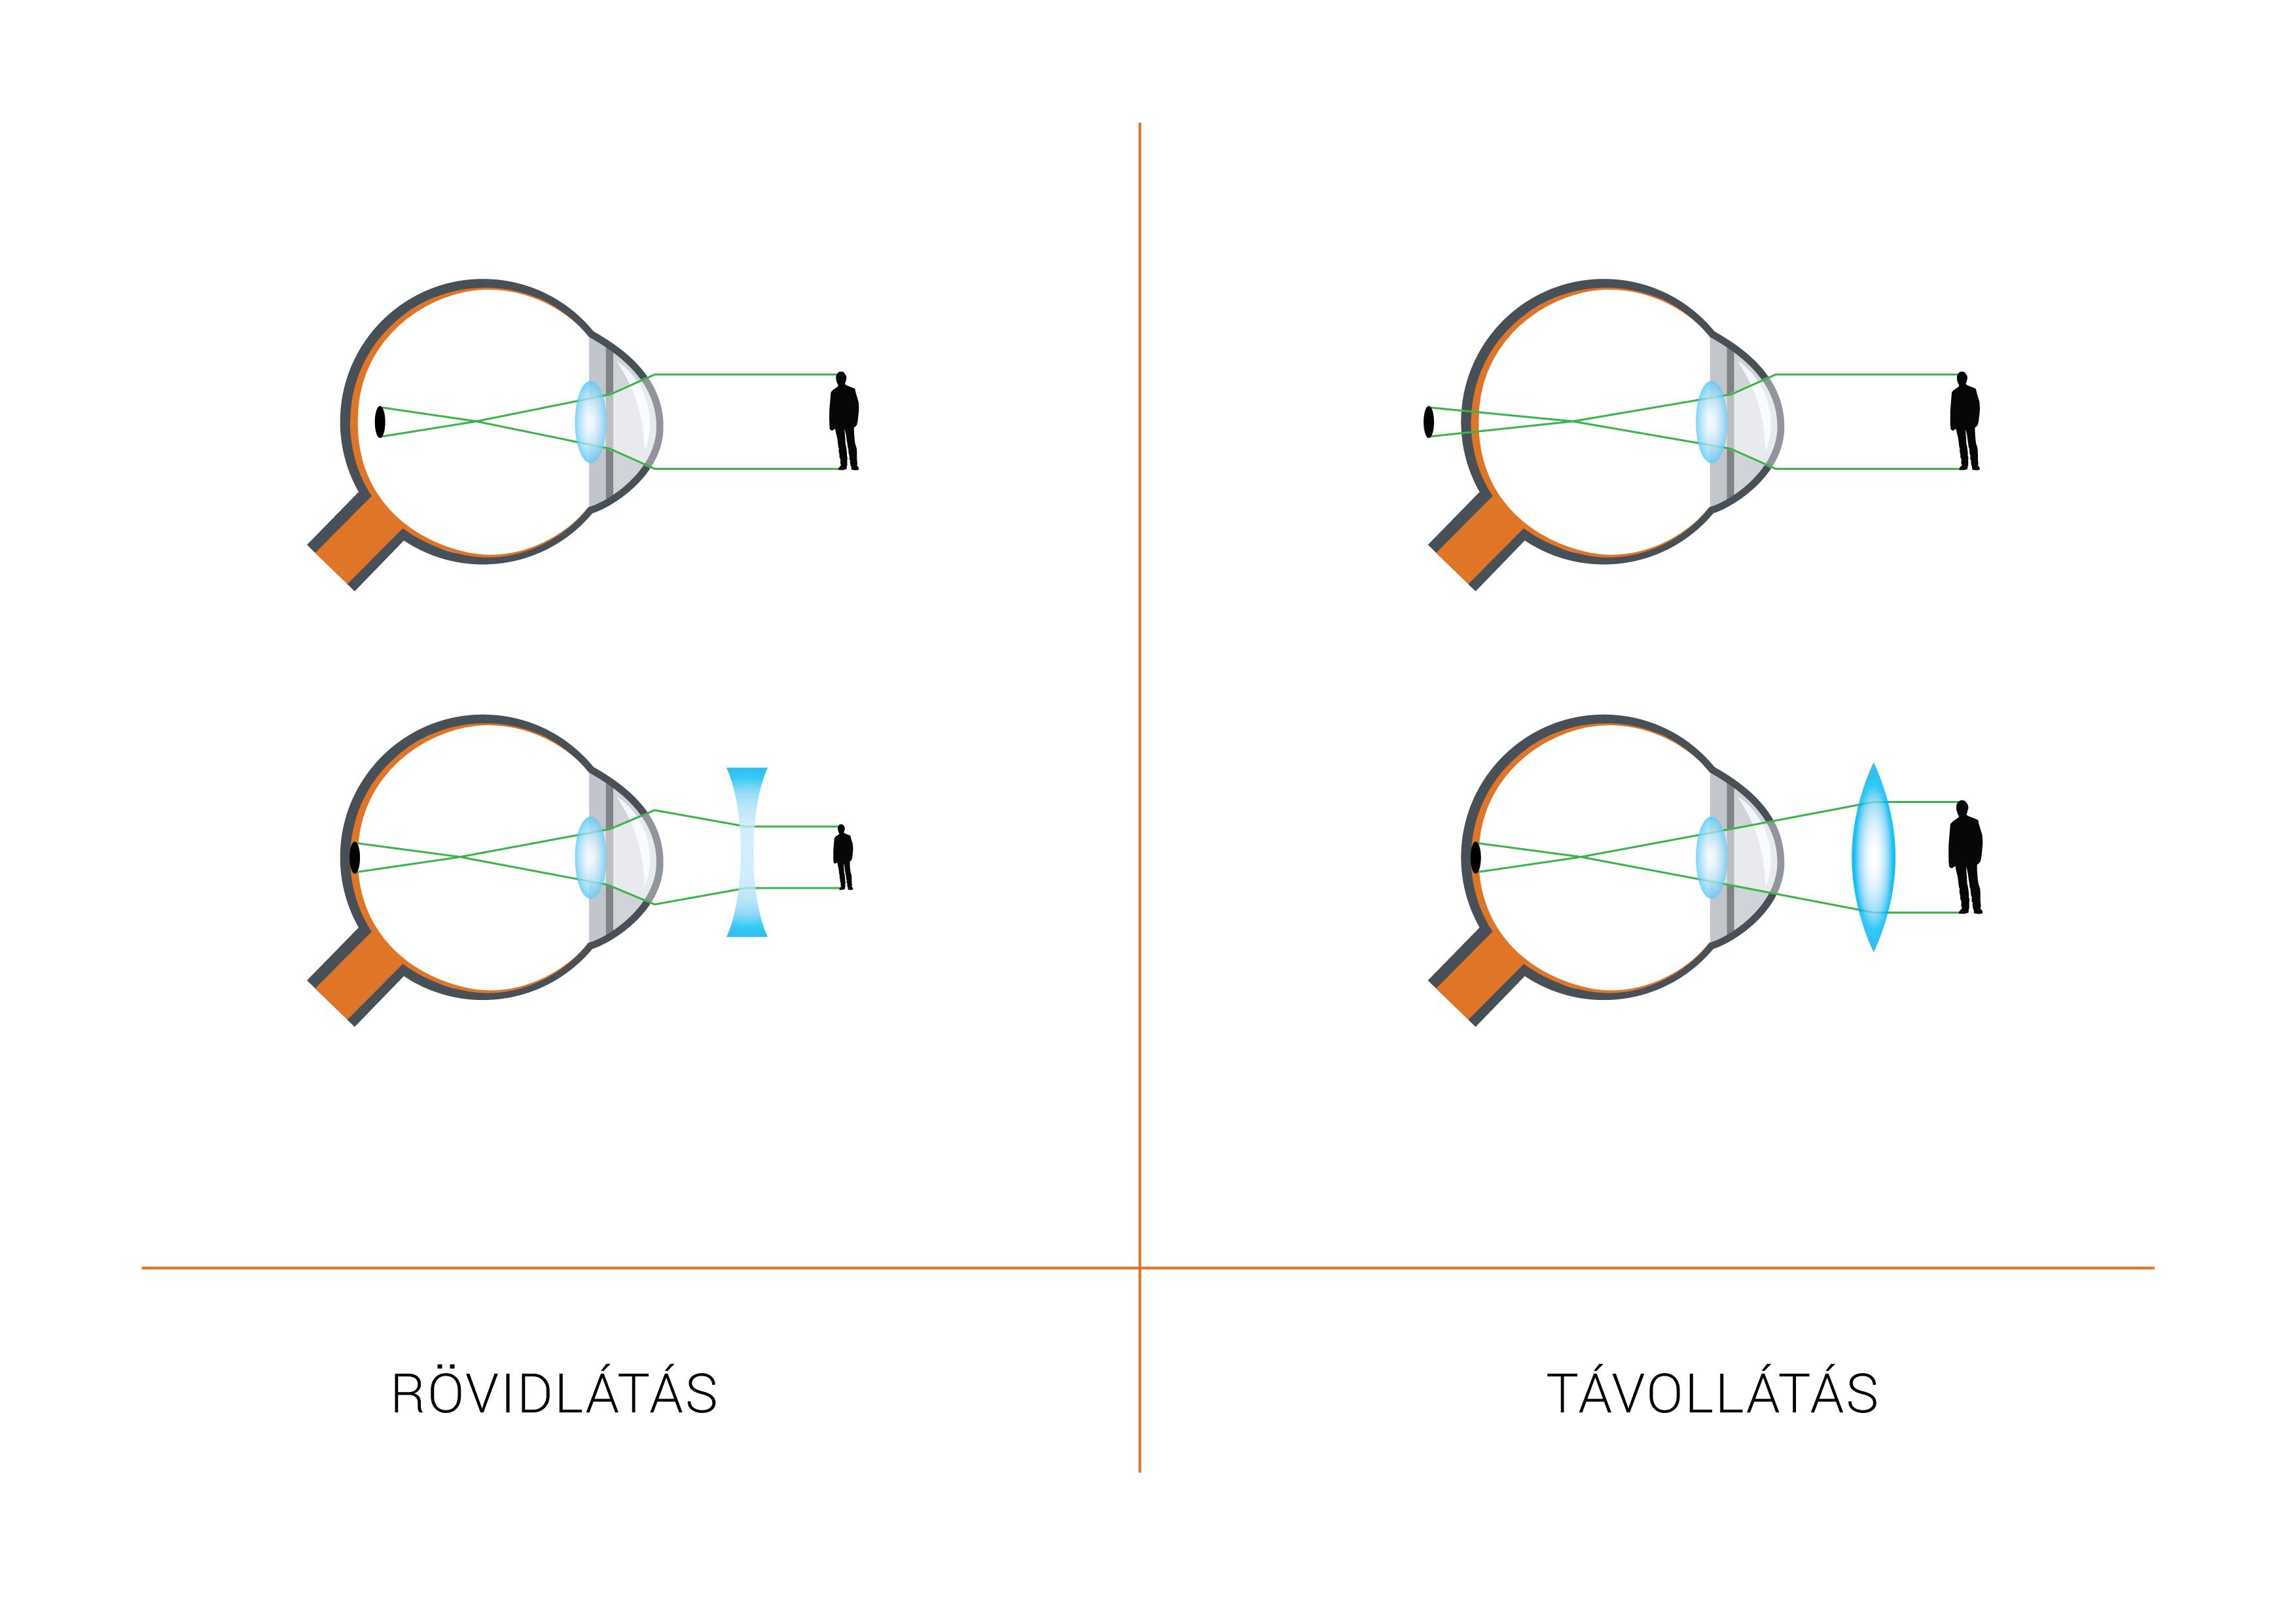 látomás 1 5 1 75 torna a rövidlátás szemére